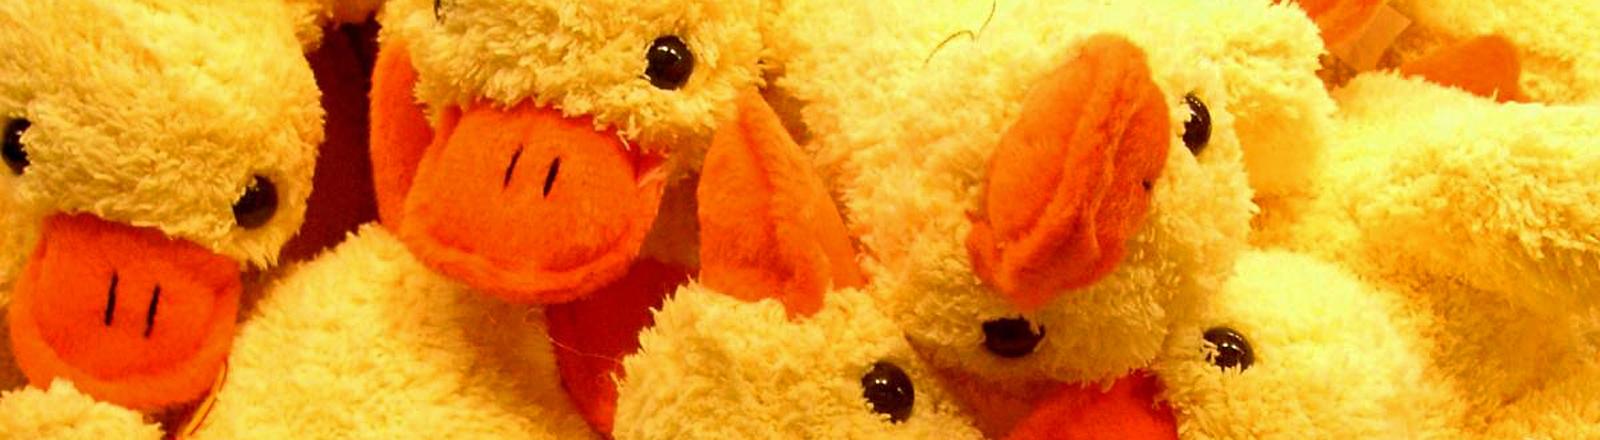 Gelbe Kuscheltiere in Form von Enten liegen auf einem Haufen. Mit schwarzen Knopfaugen und orangenen Schnäbeln.